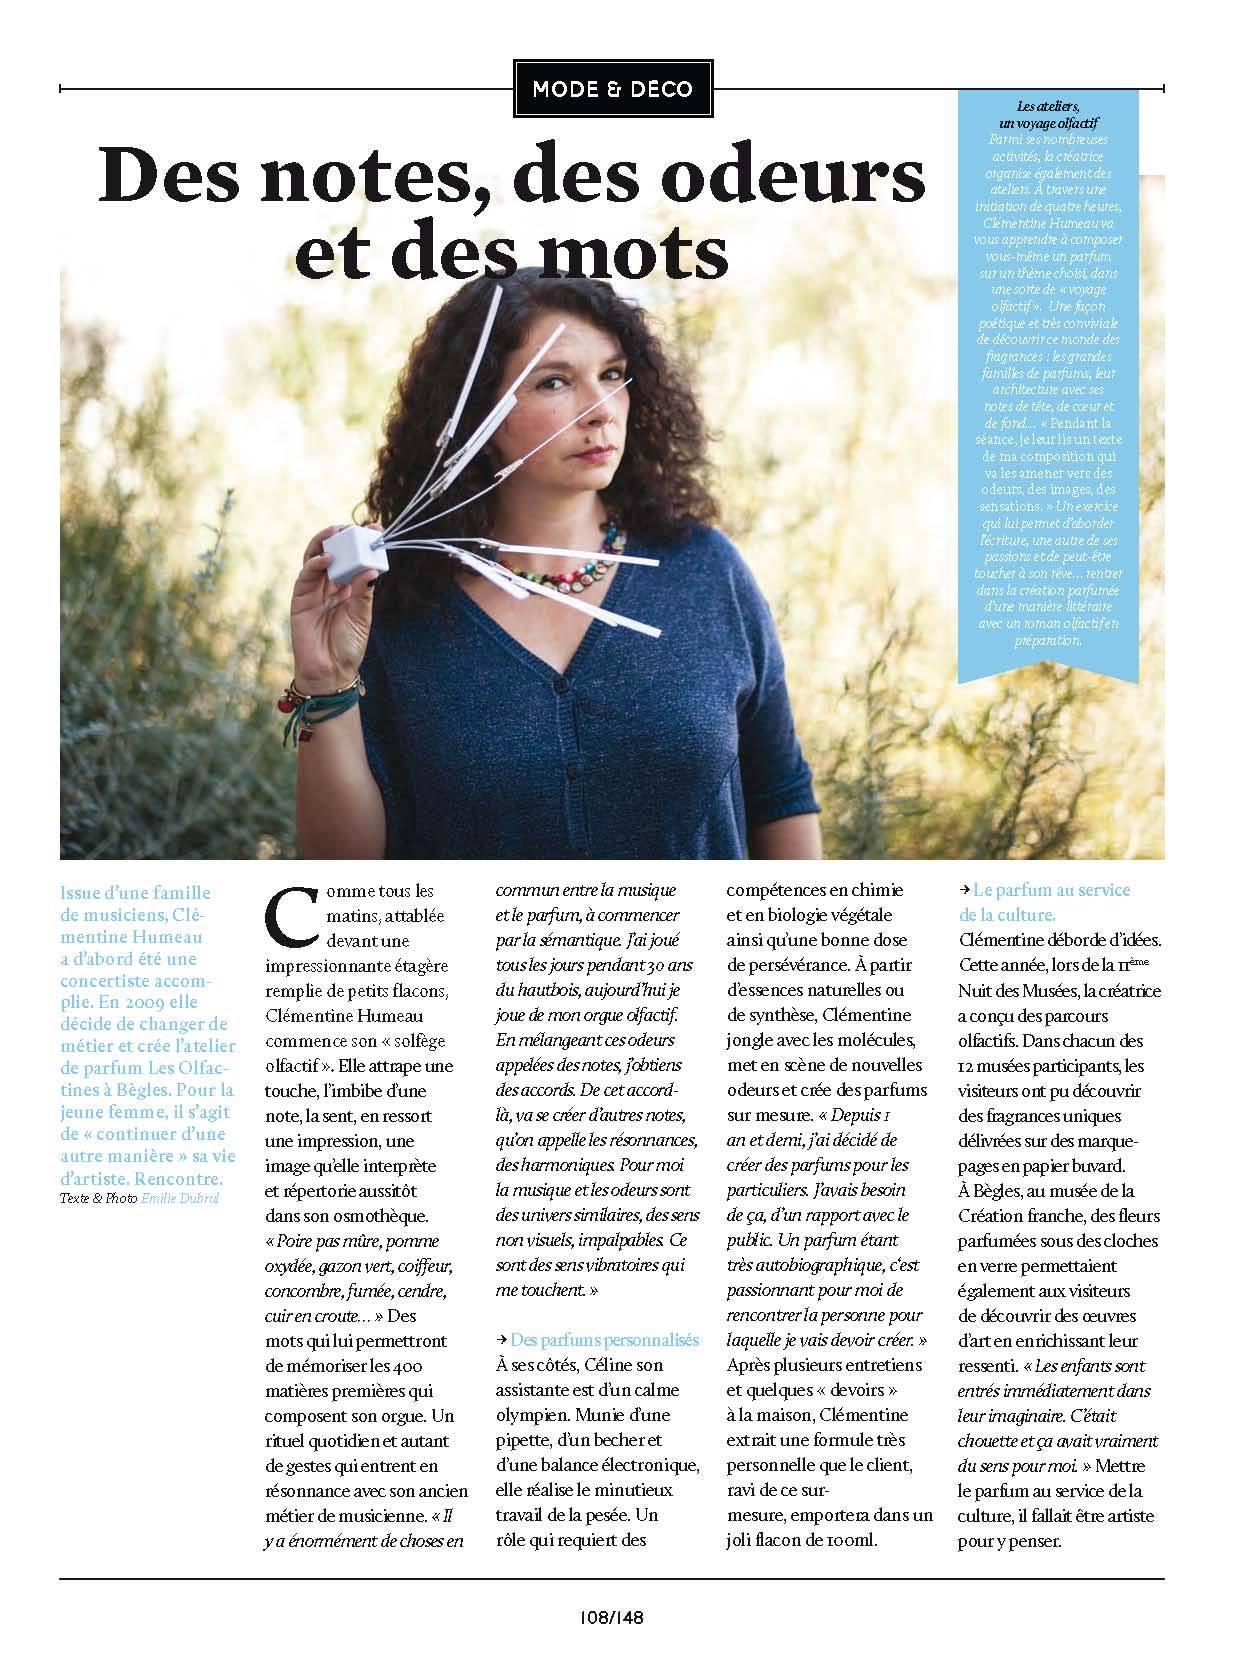 article vivre bordeaux - des notes, des odeurs et des mots - Clémentine Humeau à Bordeaux